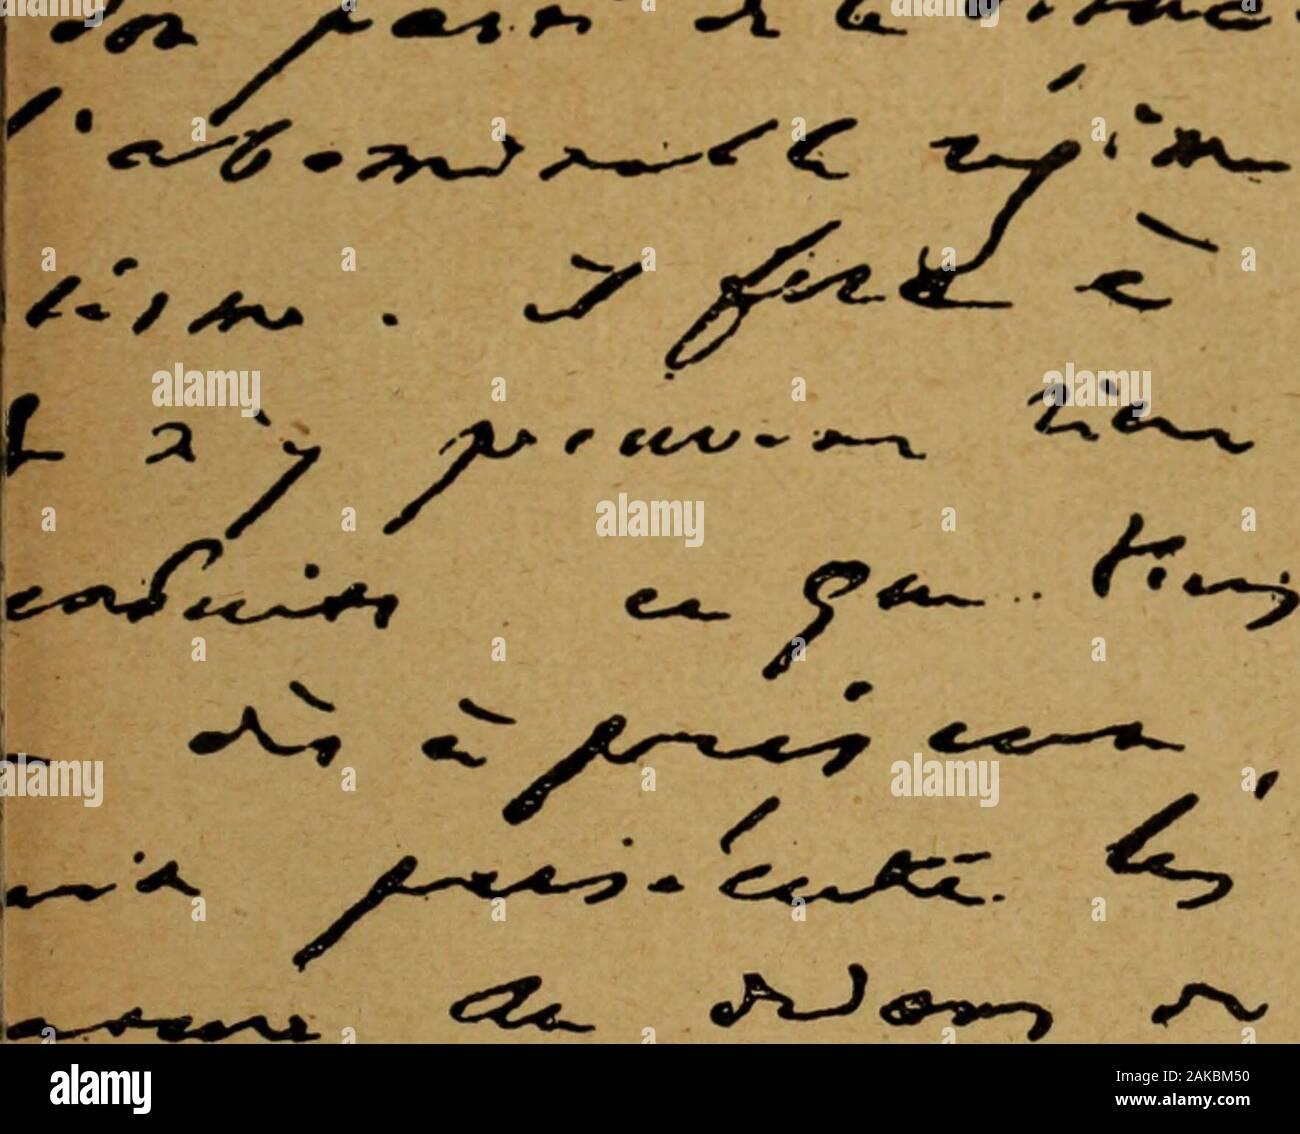 """L'Envers de la Gloire: medical scale et Dokumente inedits sur Victor Hugo. - ERenan. - Émile Zola. - Edgar Quinet.-Le PDidon.- Ferdinand Fabre.-Rachel. - Le Prince de Monaco - ChGarnier. - Hervé. - Marie Dorval. - frédérick Lemaître. - Marie Laurent. - Henri Heine. - Alfred de Musset. - Gavarni, etc., etc.. *^> v^g """"^j""""^* L. € ^y^e* -^ Xj^ vr^^^/-/ ^^^^-ty^/C^r, ^,^^^^^^^ ér £ t< Fragment de la Lettre du 8 mai,^* r""""^^ • A. ≪^ •^%*"""".<s.-. y* y oyée de Guernesey à M. Lacroix. 26 lenvers de la Gloire son Auteur, autant que ses mérites propres, Recom-mandait à Tadmiration publique. Les Éditions pieu Stockfoto"""